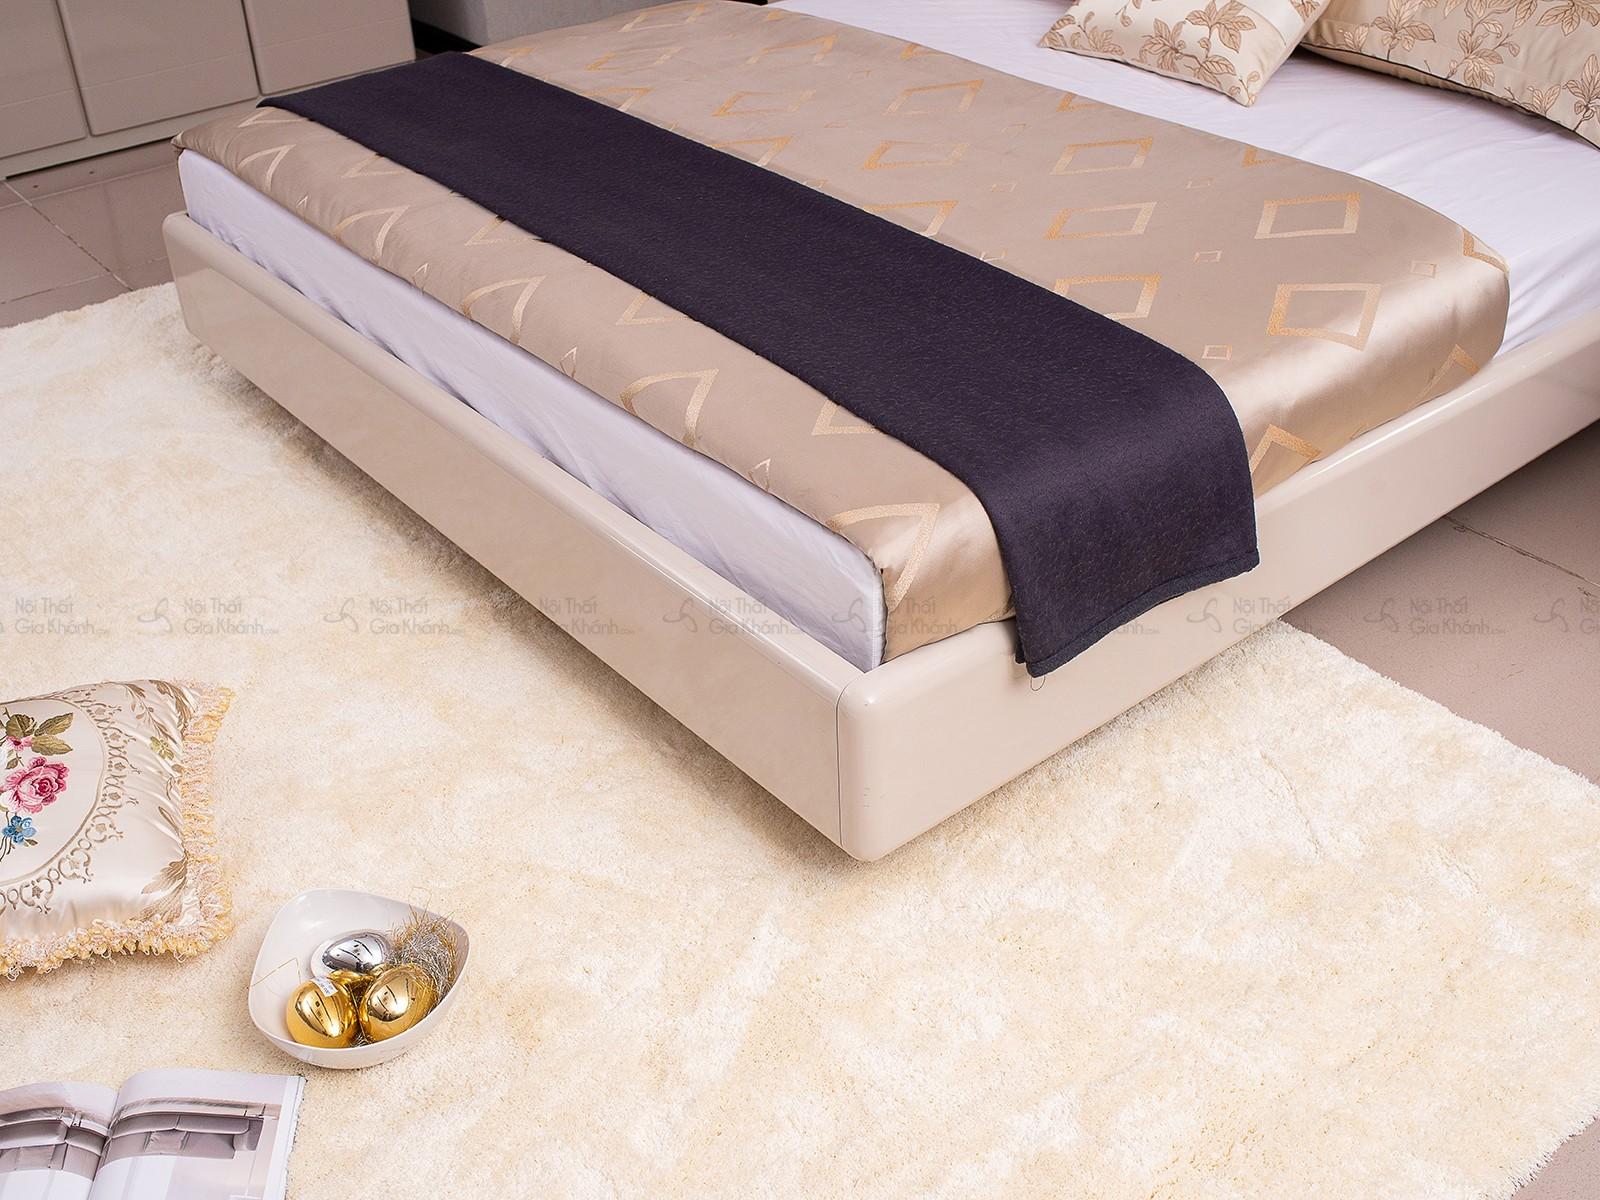 Giường Ngủ Gỗ Cao Cấp Hiện Đại GI3321-18